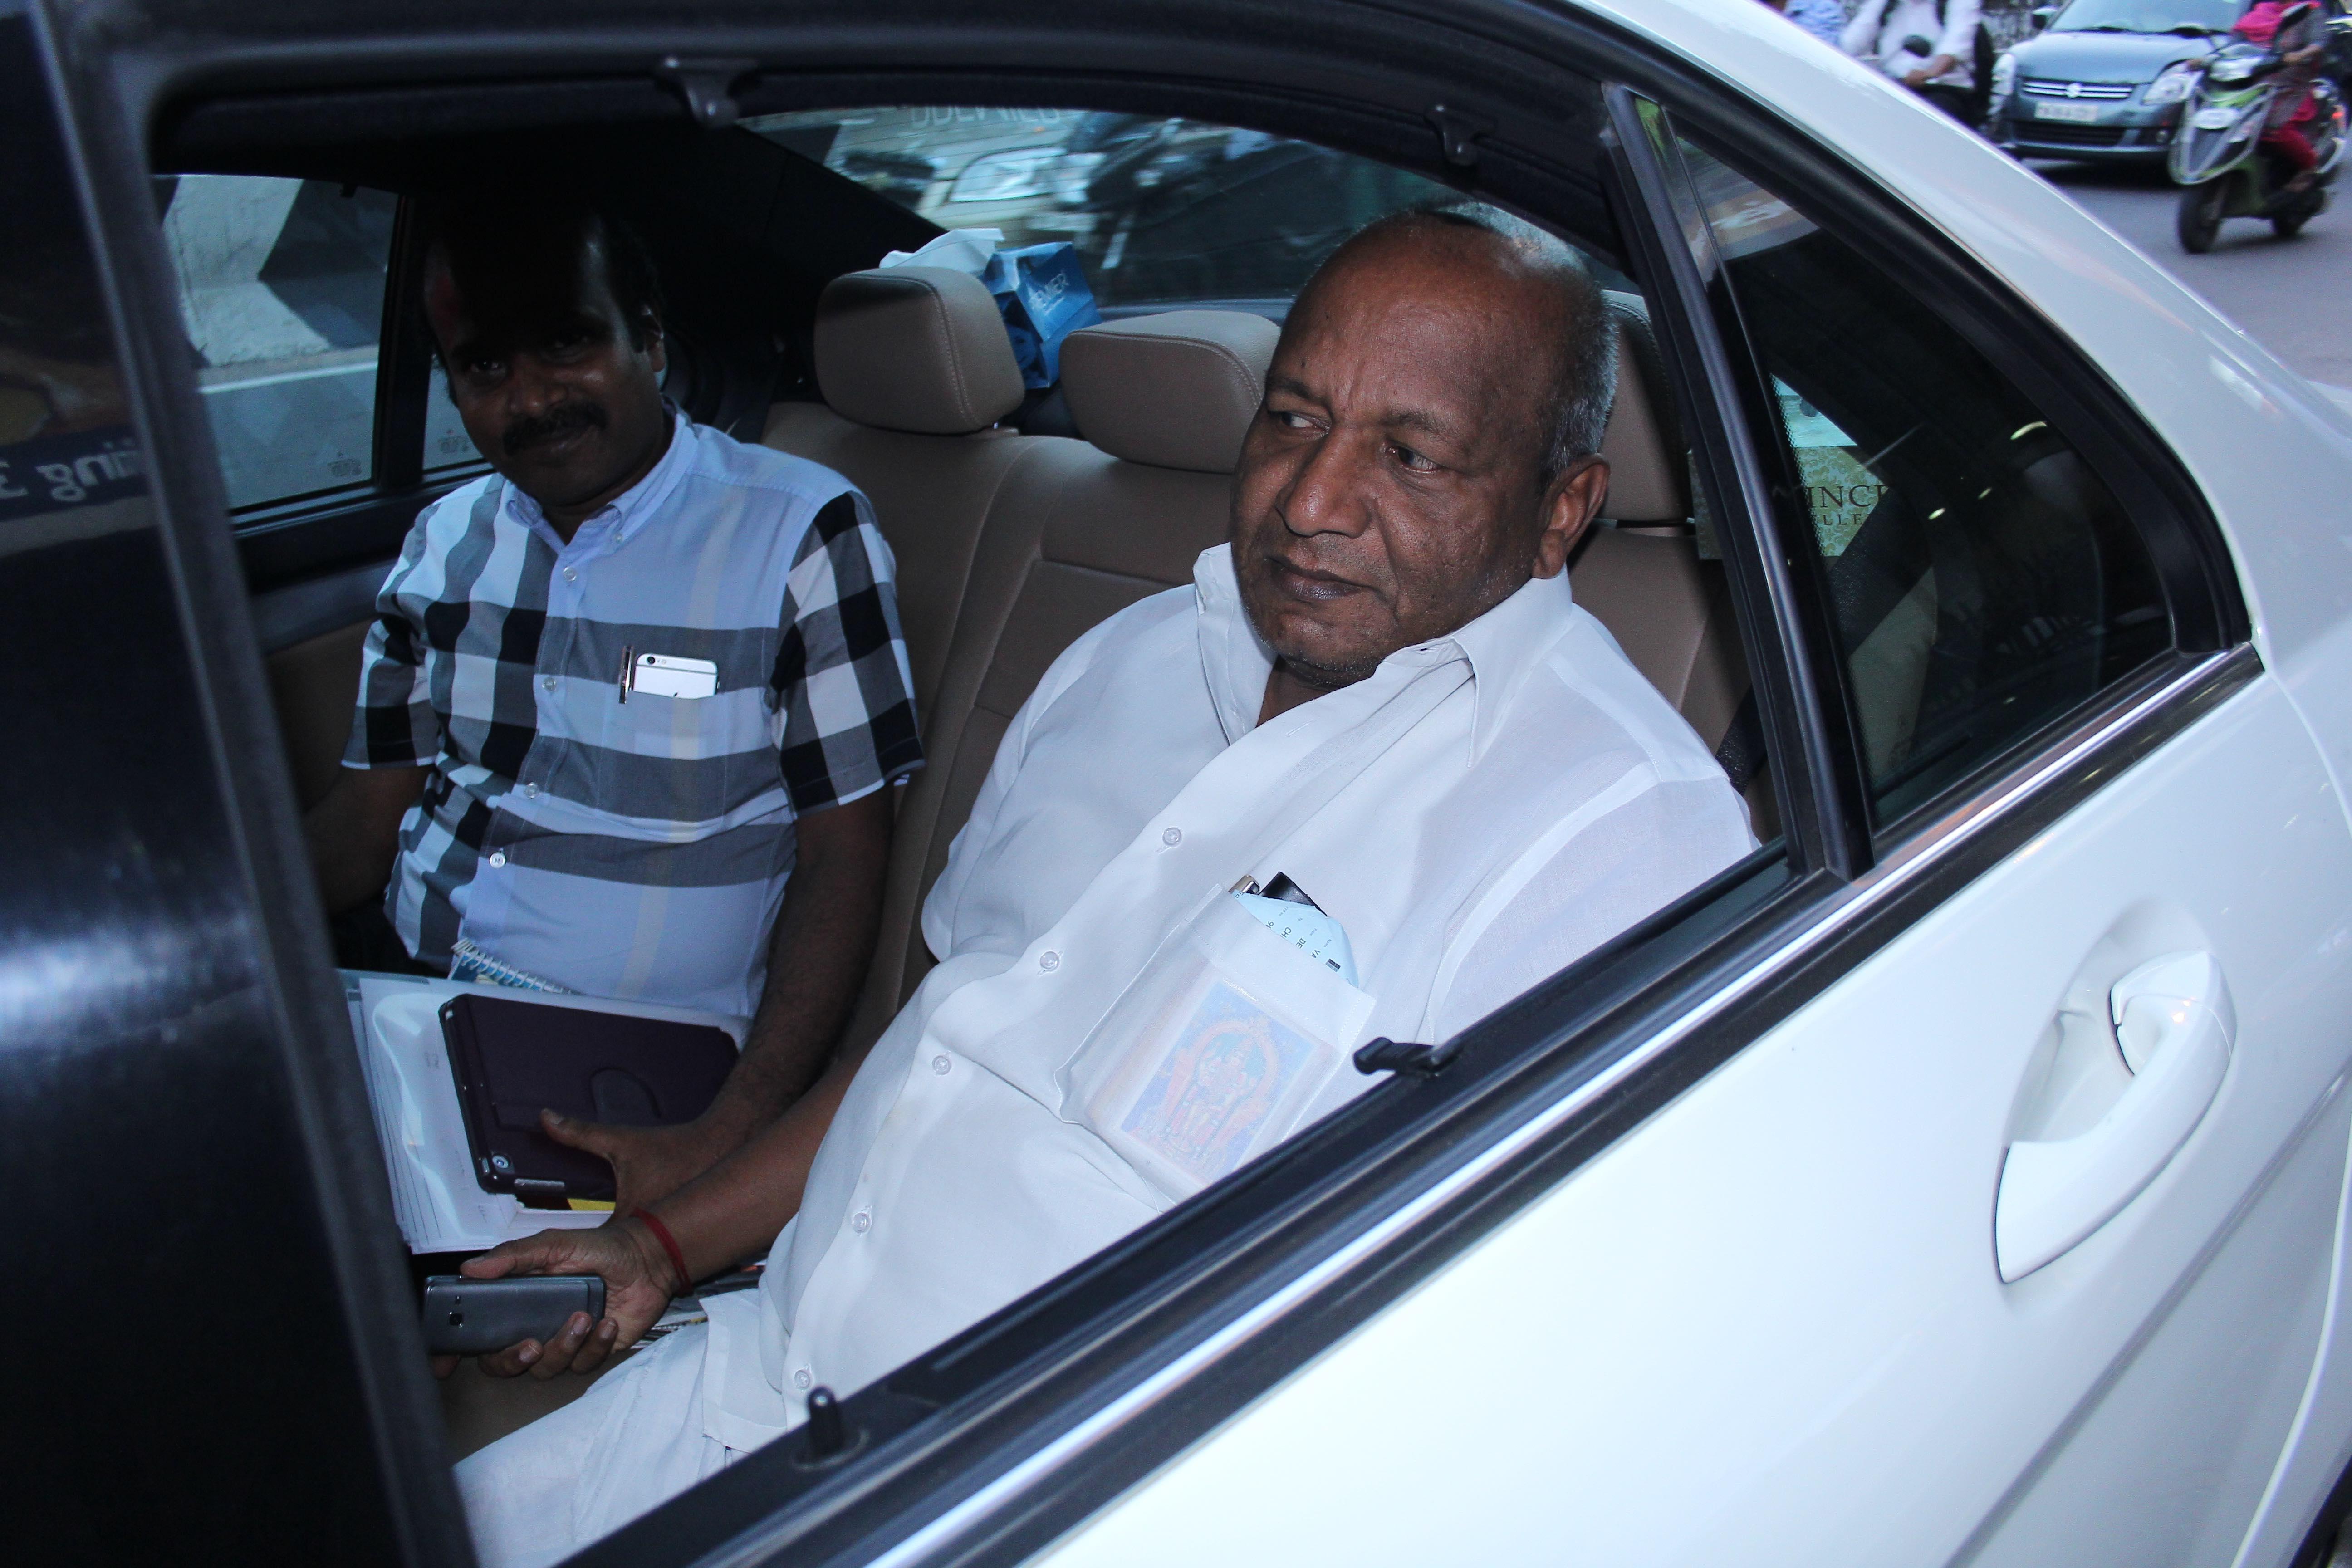 S. Vaikundarajan. Credit: Sandhya Ravishankar